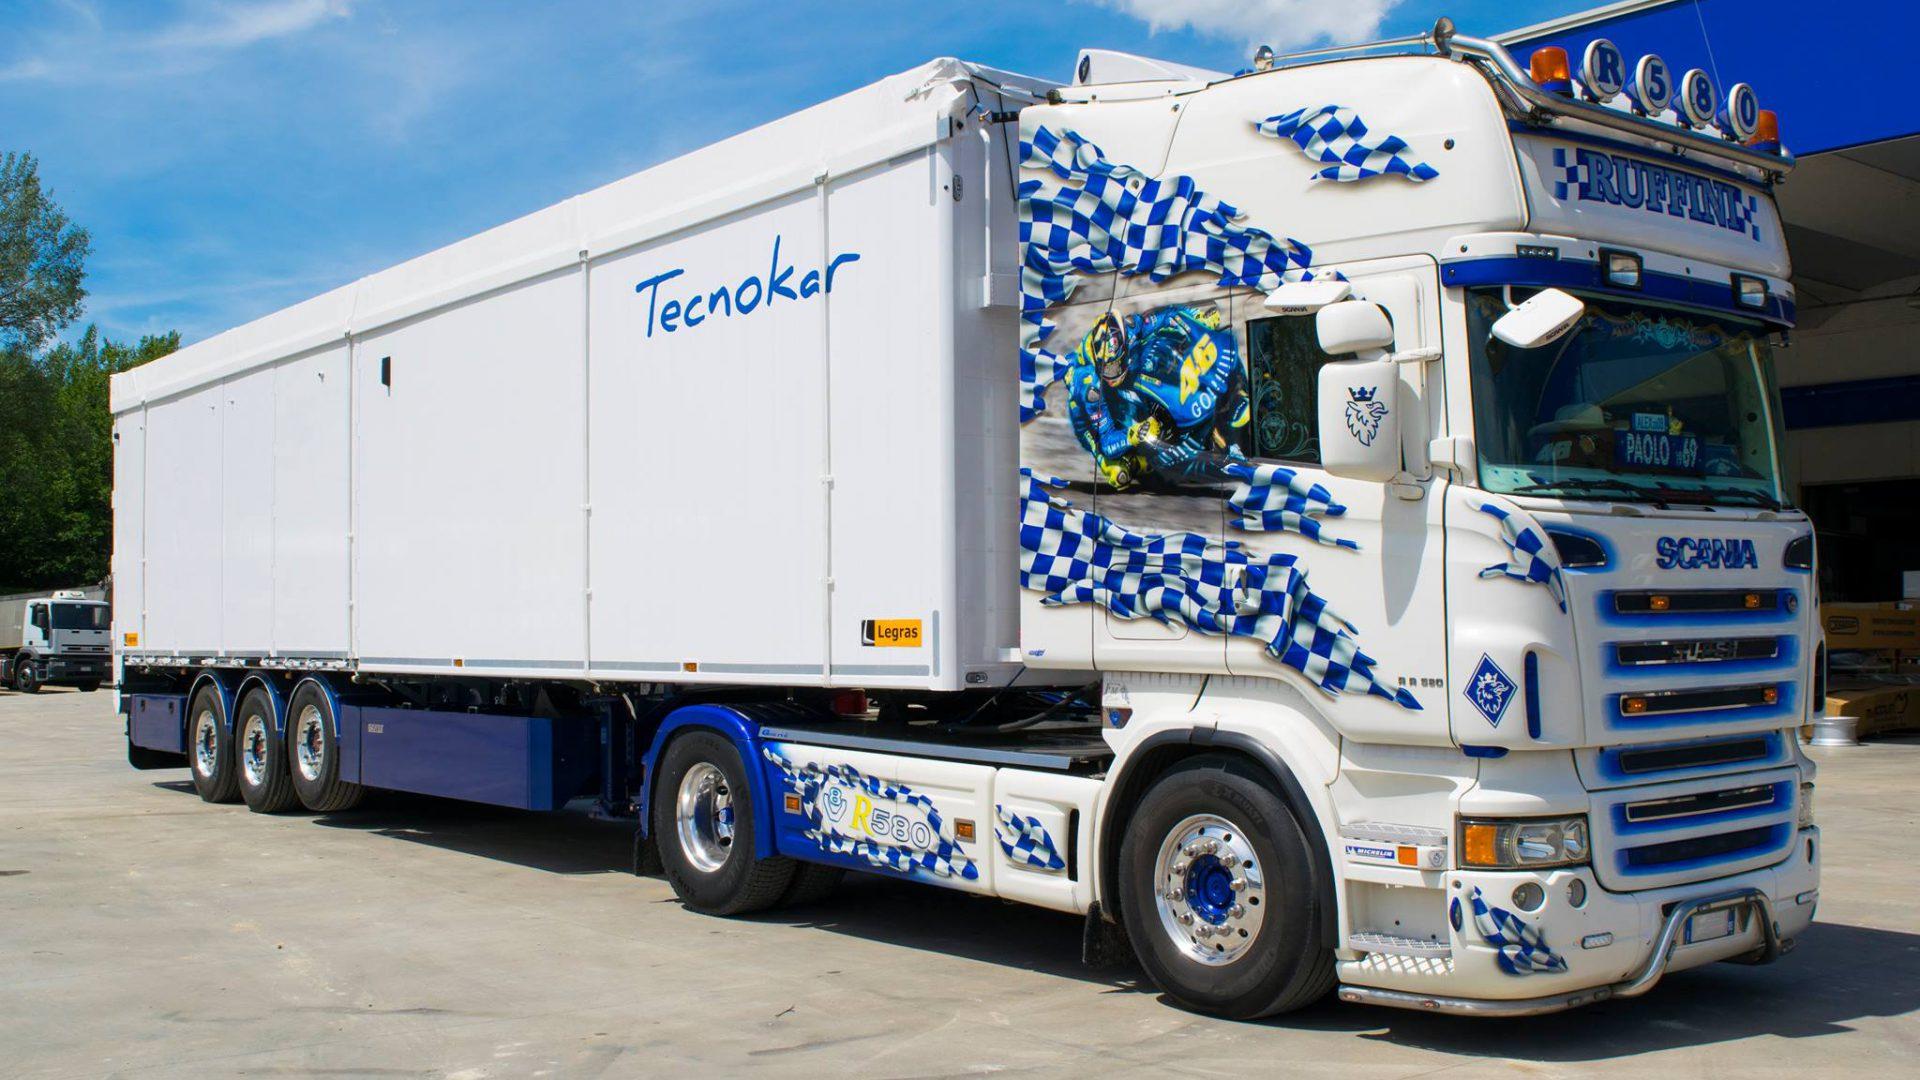 La gamma Tecnokar Legras è dotata di piani mobili di scarico